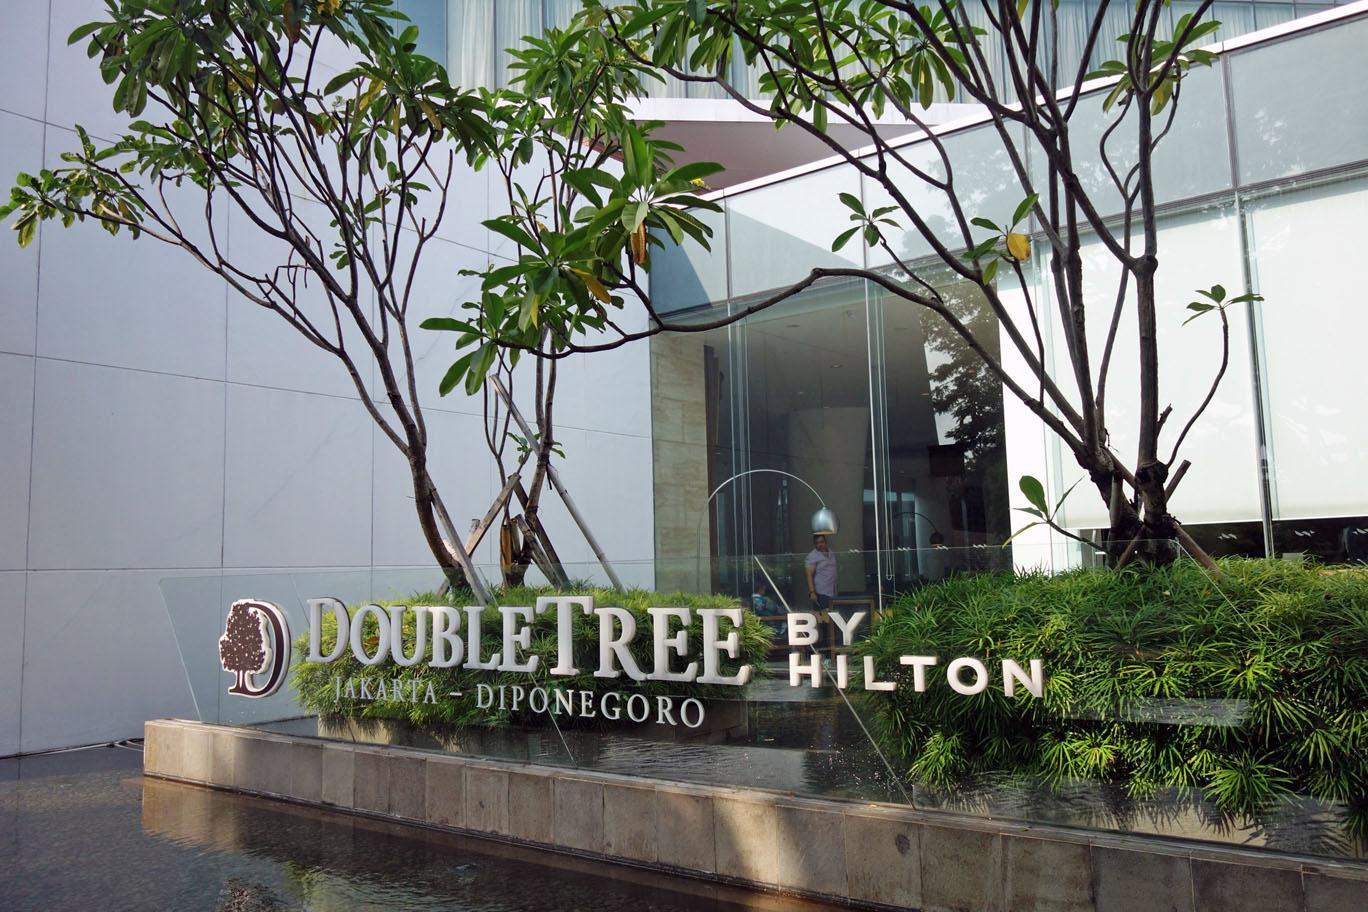 Обзор: DoubleTree by Hilton Diponegoro, Джакарта